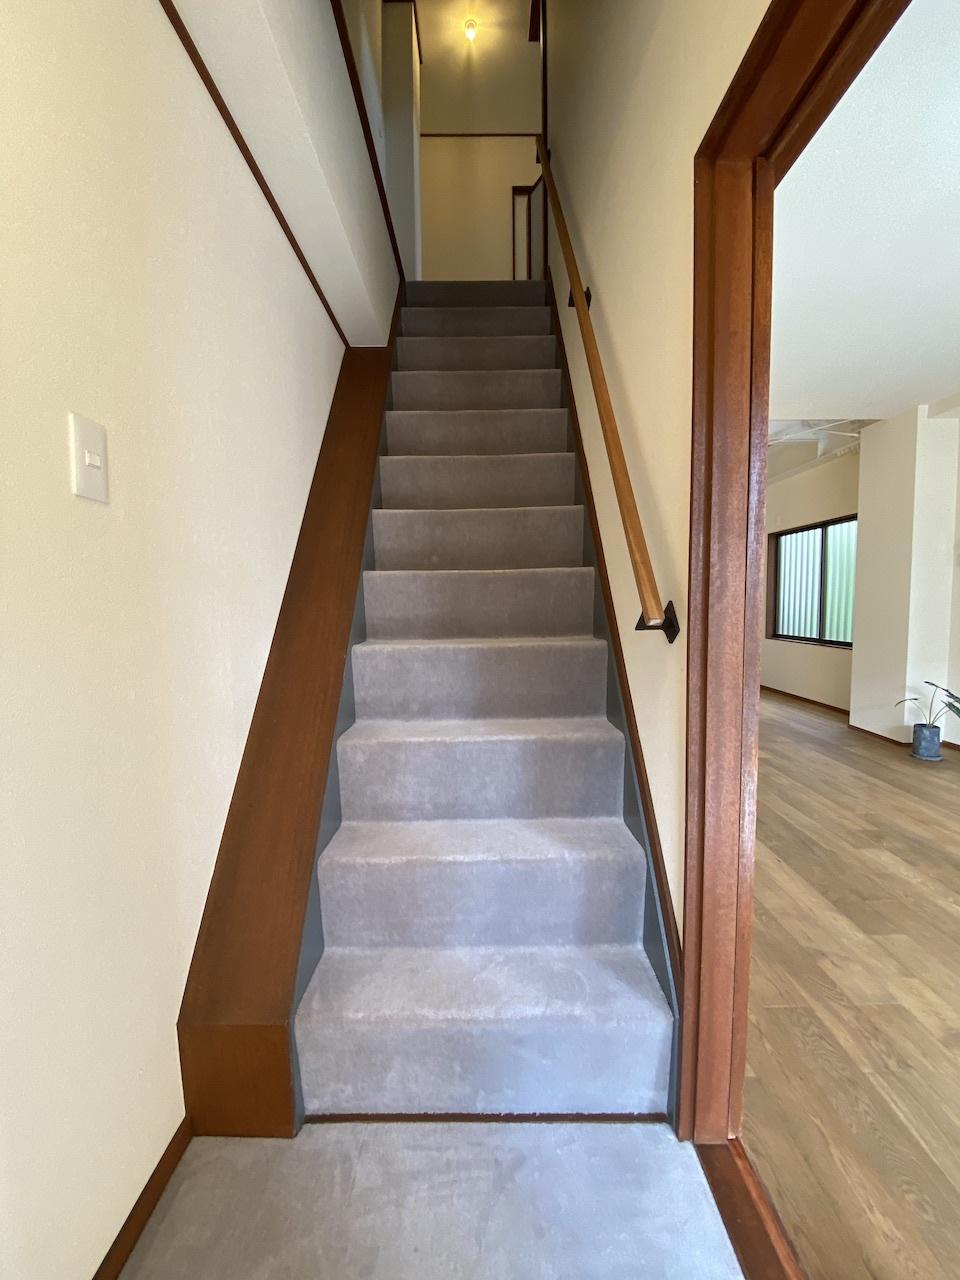 フカフカの絨毯が気持ち良い少し急な階段